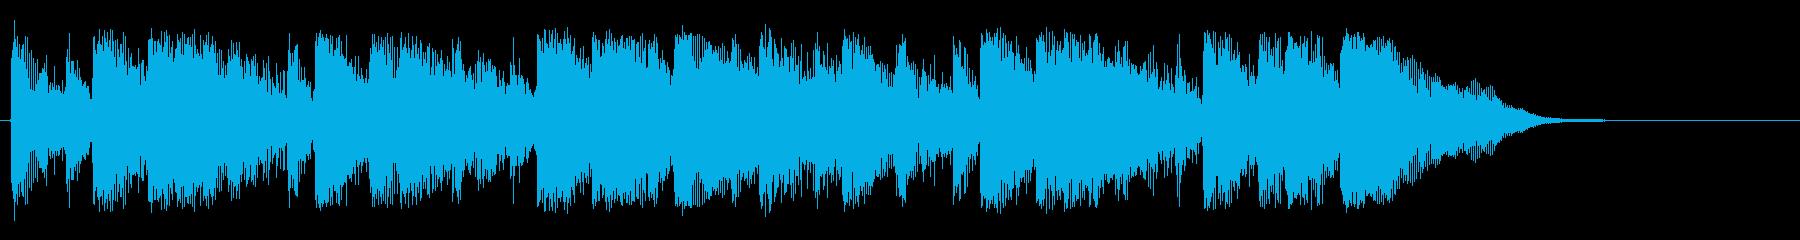 シネマティック ライフスタイルの再生済みの波形